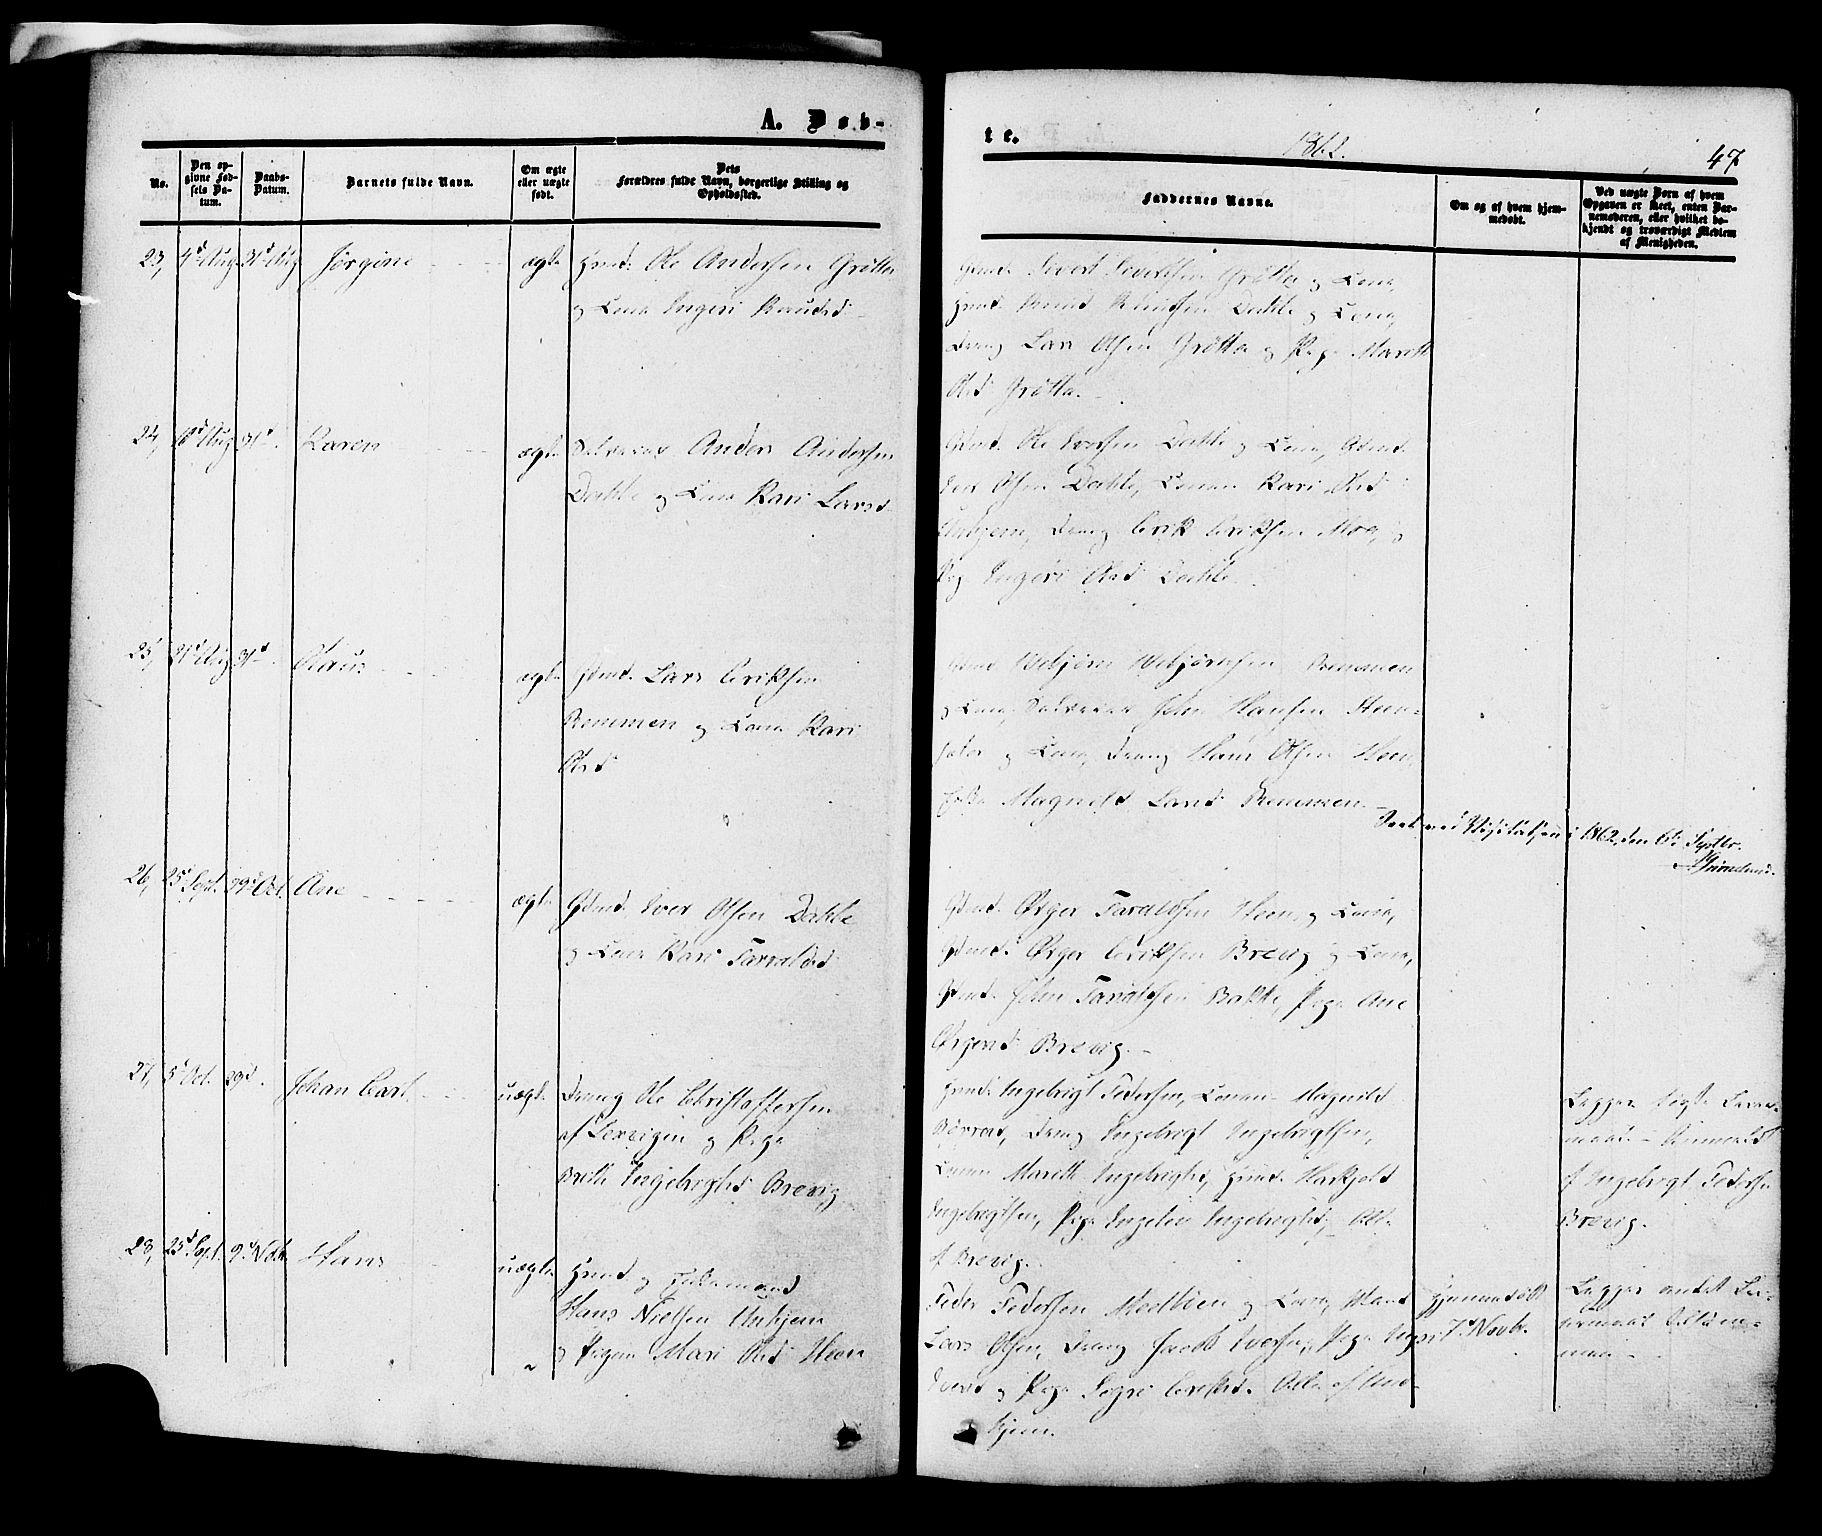 SAT, Ministerialprotokoller, klokkerbøker og fødselsregistre - Møre og Romsdal, 545/L0586: Ministerialbok nr. 545A02, 1854-1877, s. 47